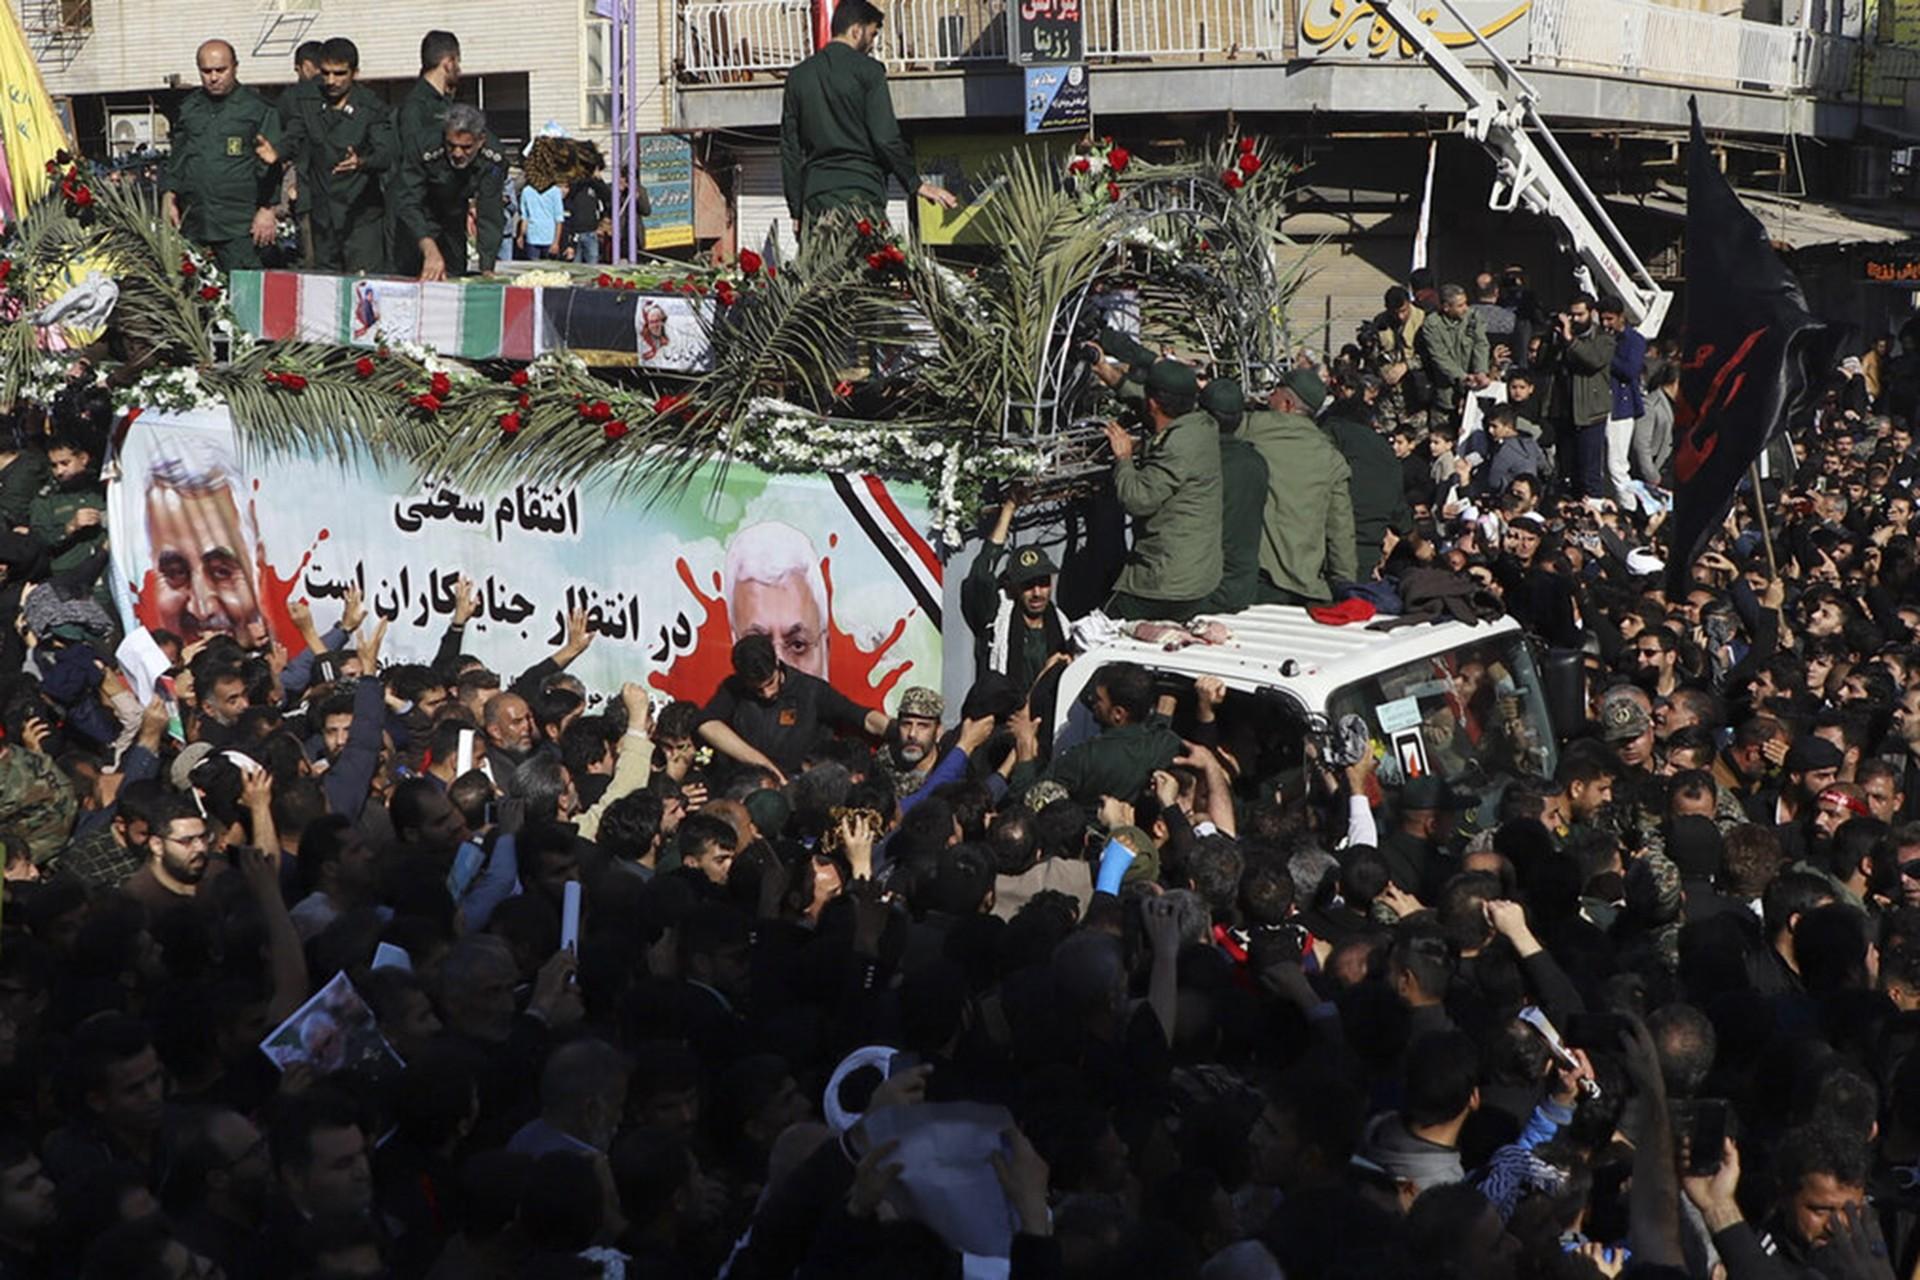 Kasım Süleymani'nin naaşı İran'a getirildi